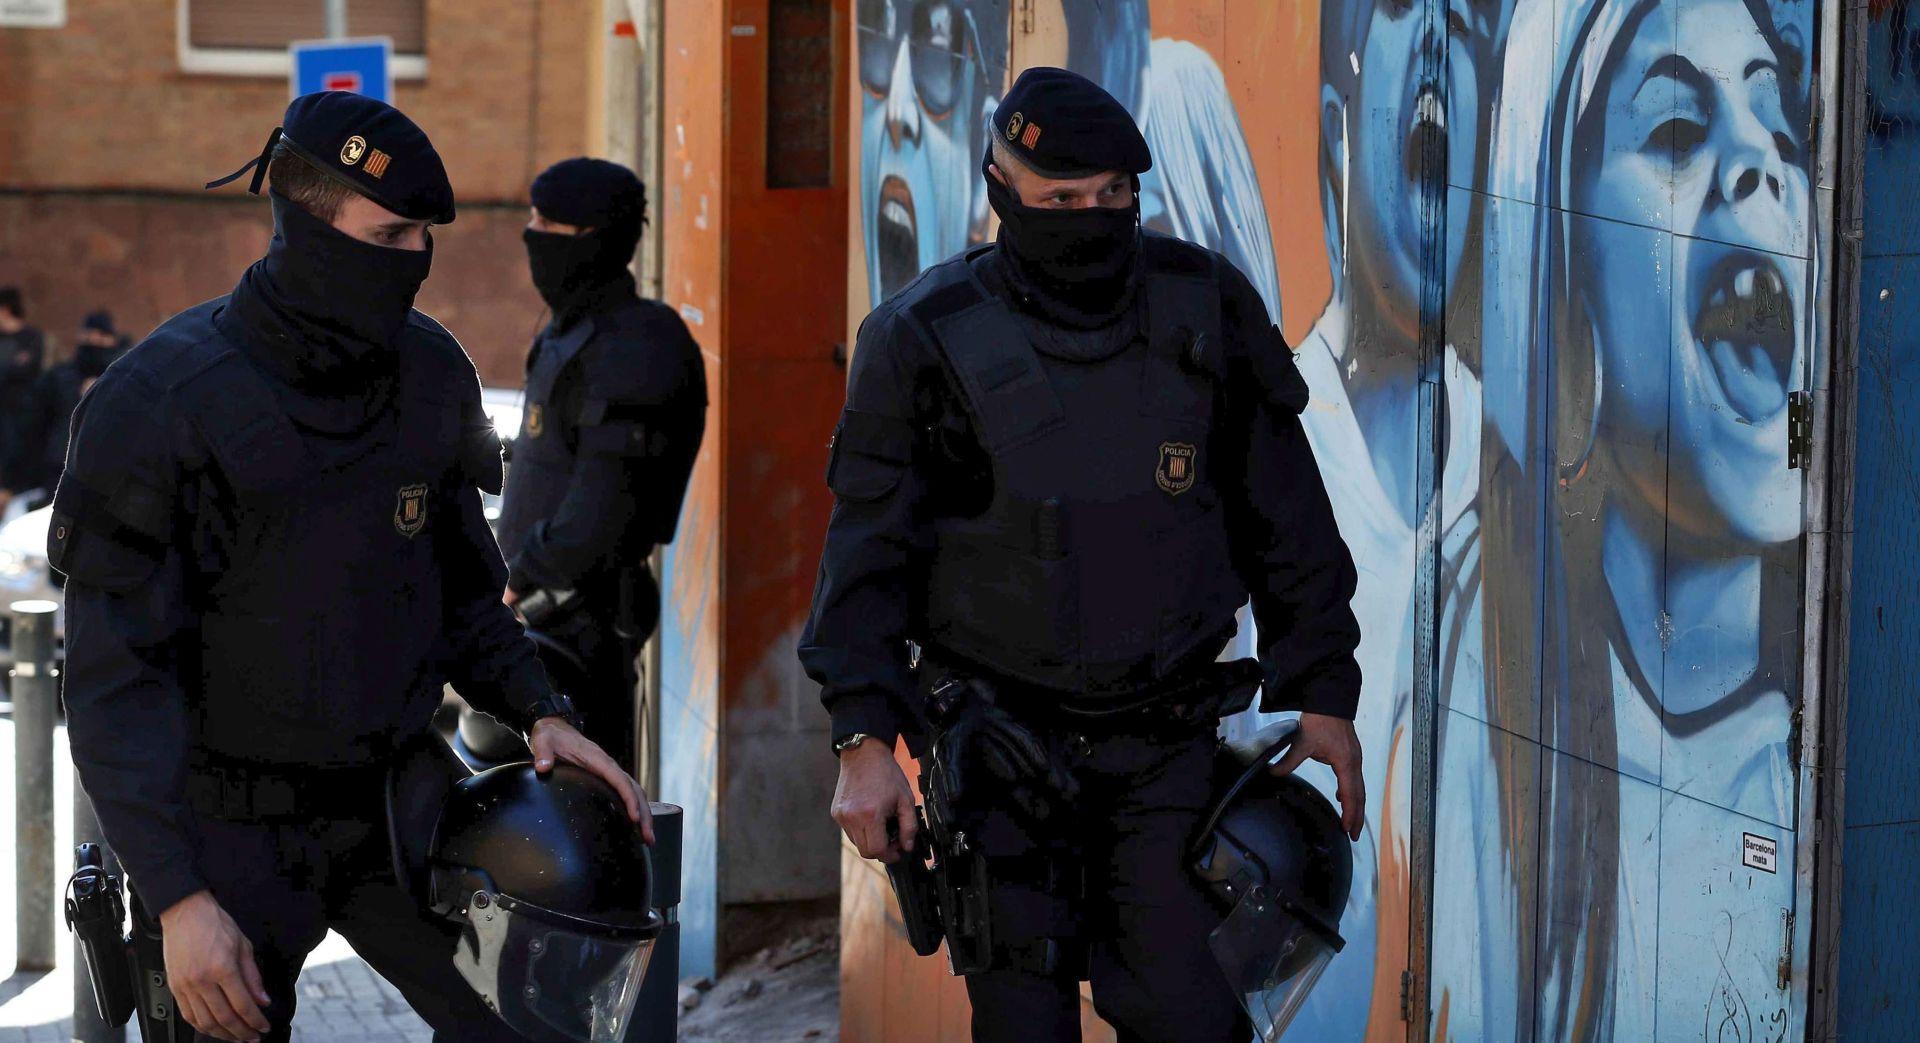 JURIO PREMA CENTRU BARCELONE Policija otvorila vatru na kamion pun plinskih boca